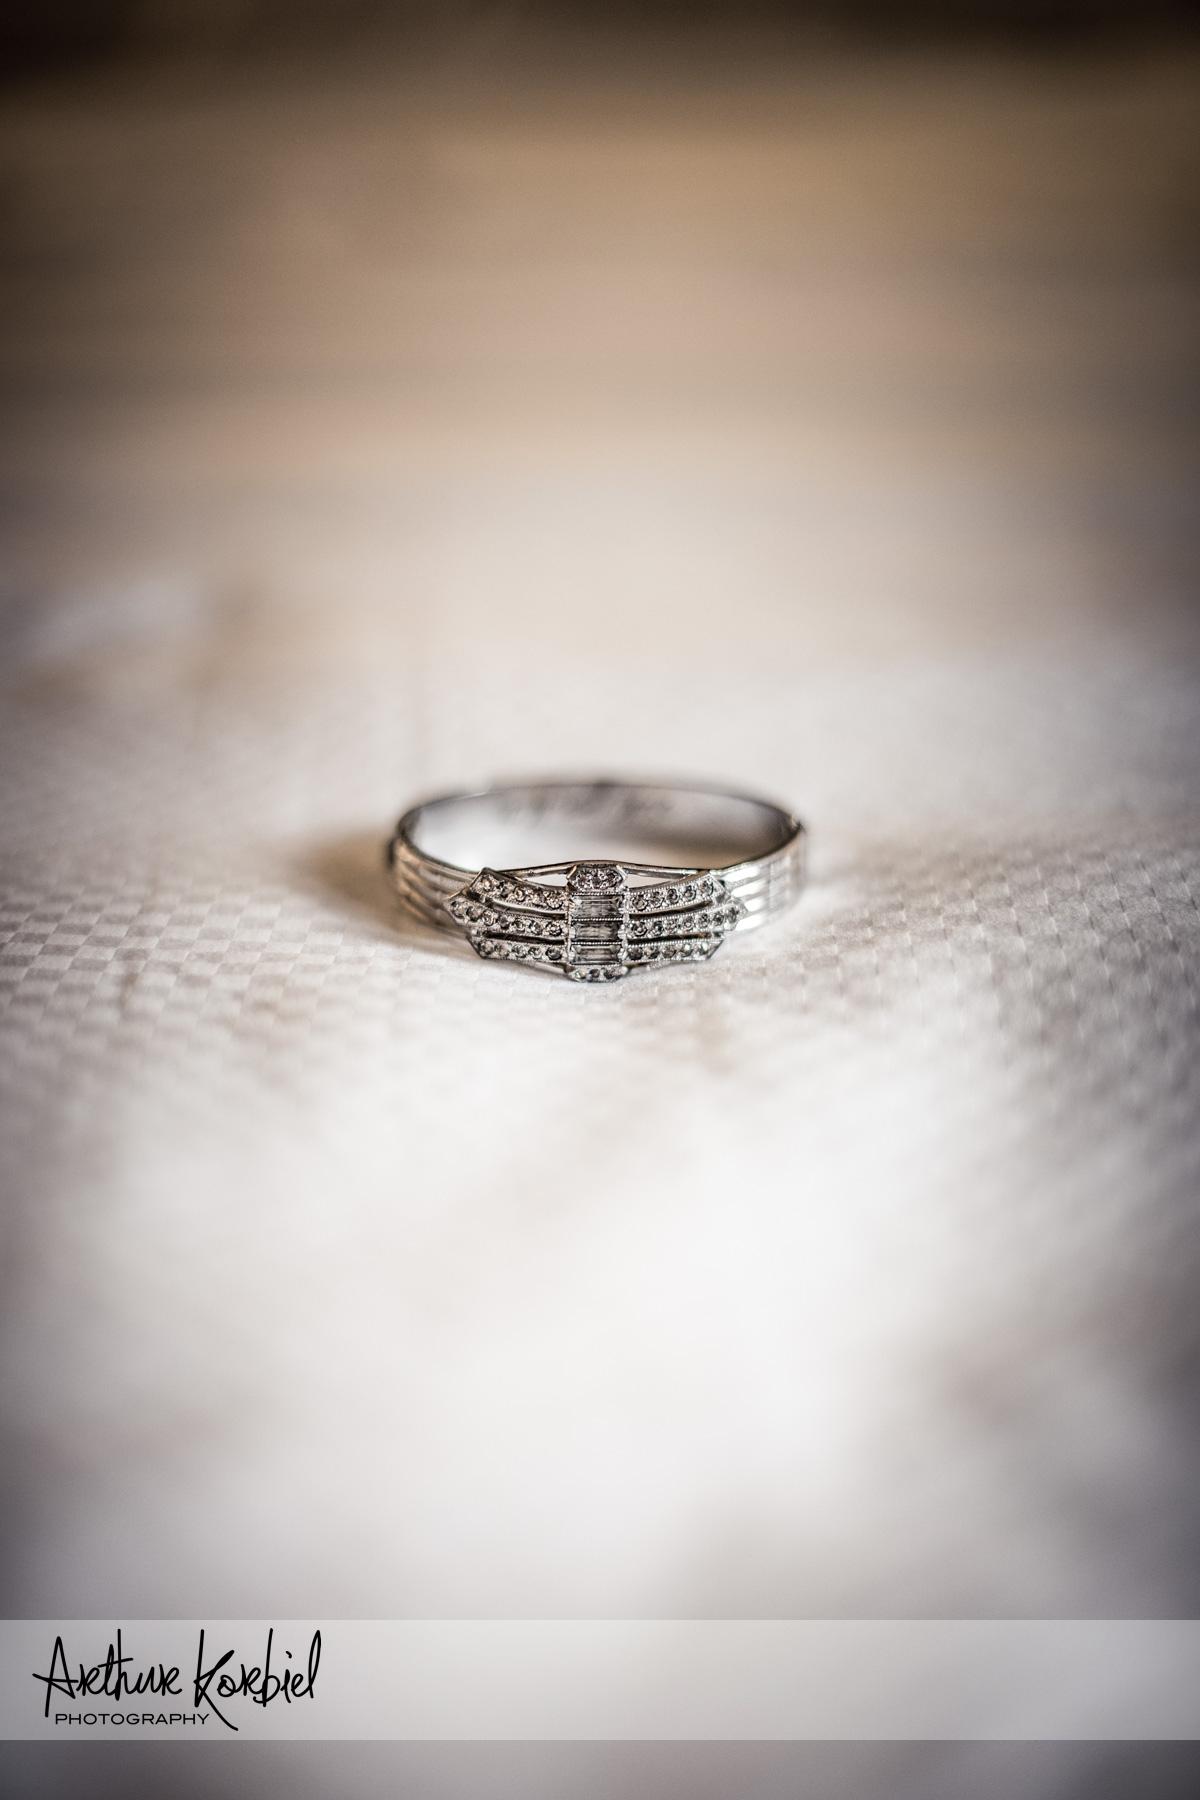 Arthur Korbiel Photography - London Wedding Photographer-032.jpg